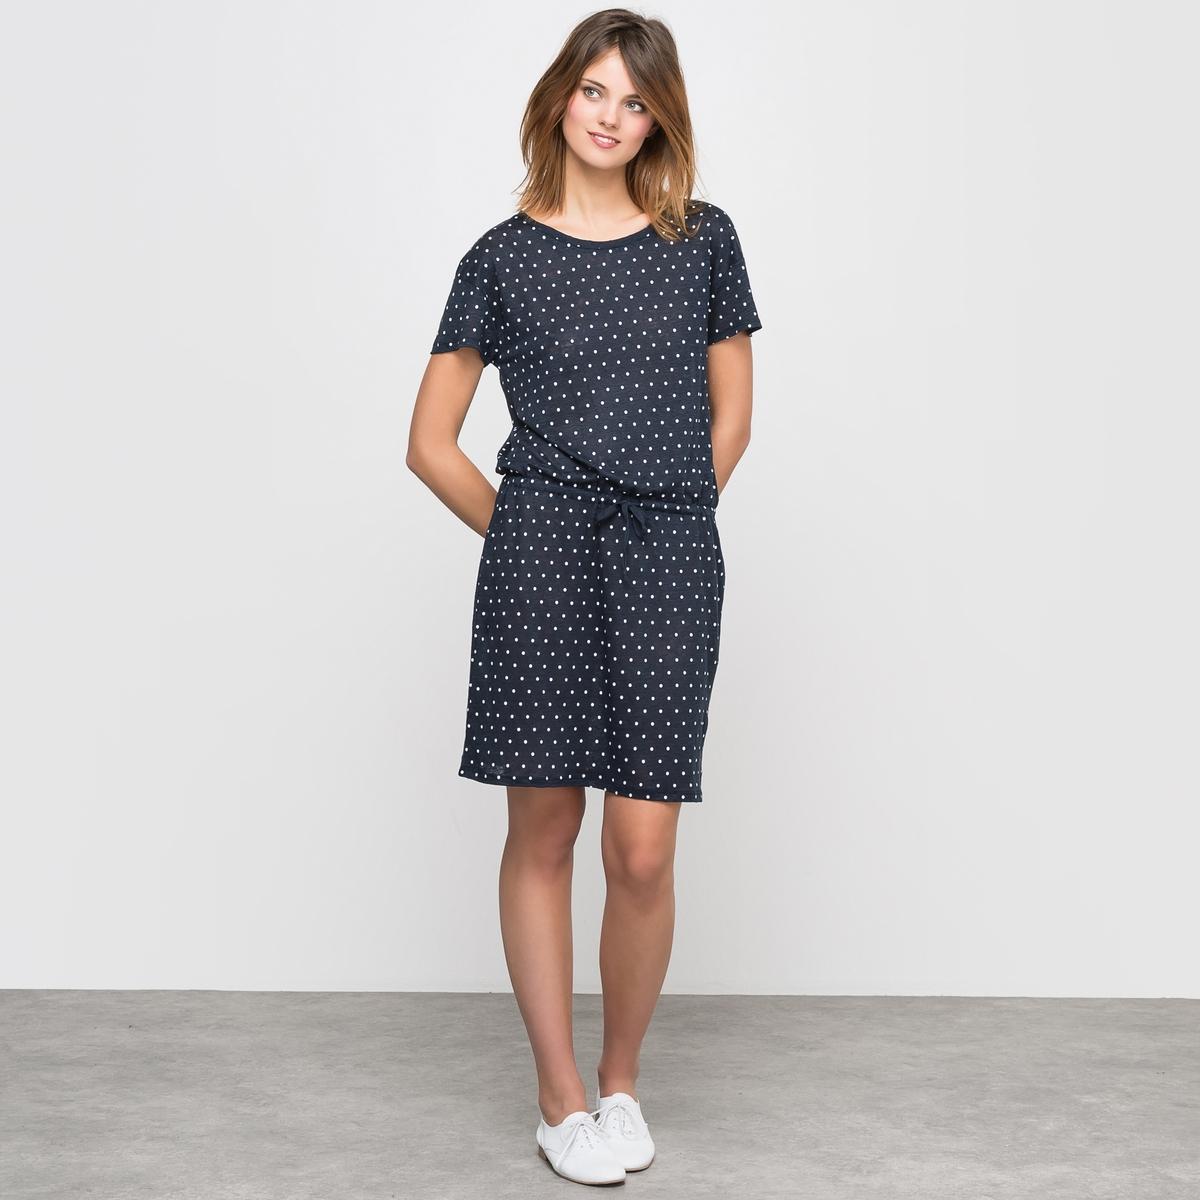 Платье трикотажное из льна с рисунком в горошек платье трикотажное с рисунком